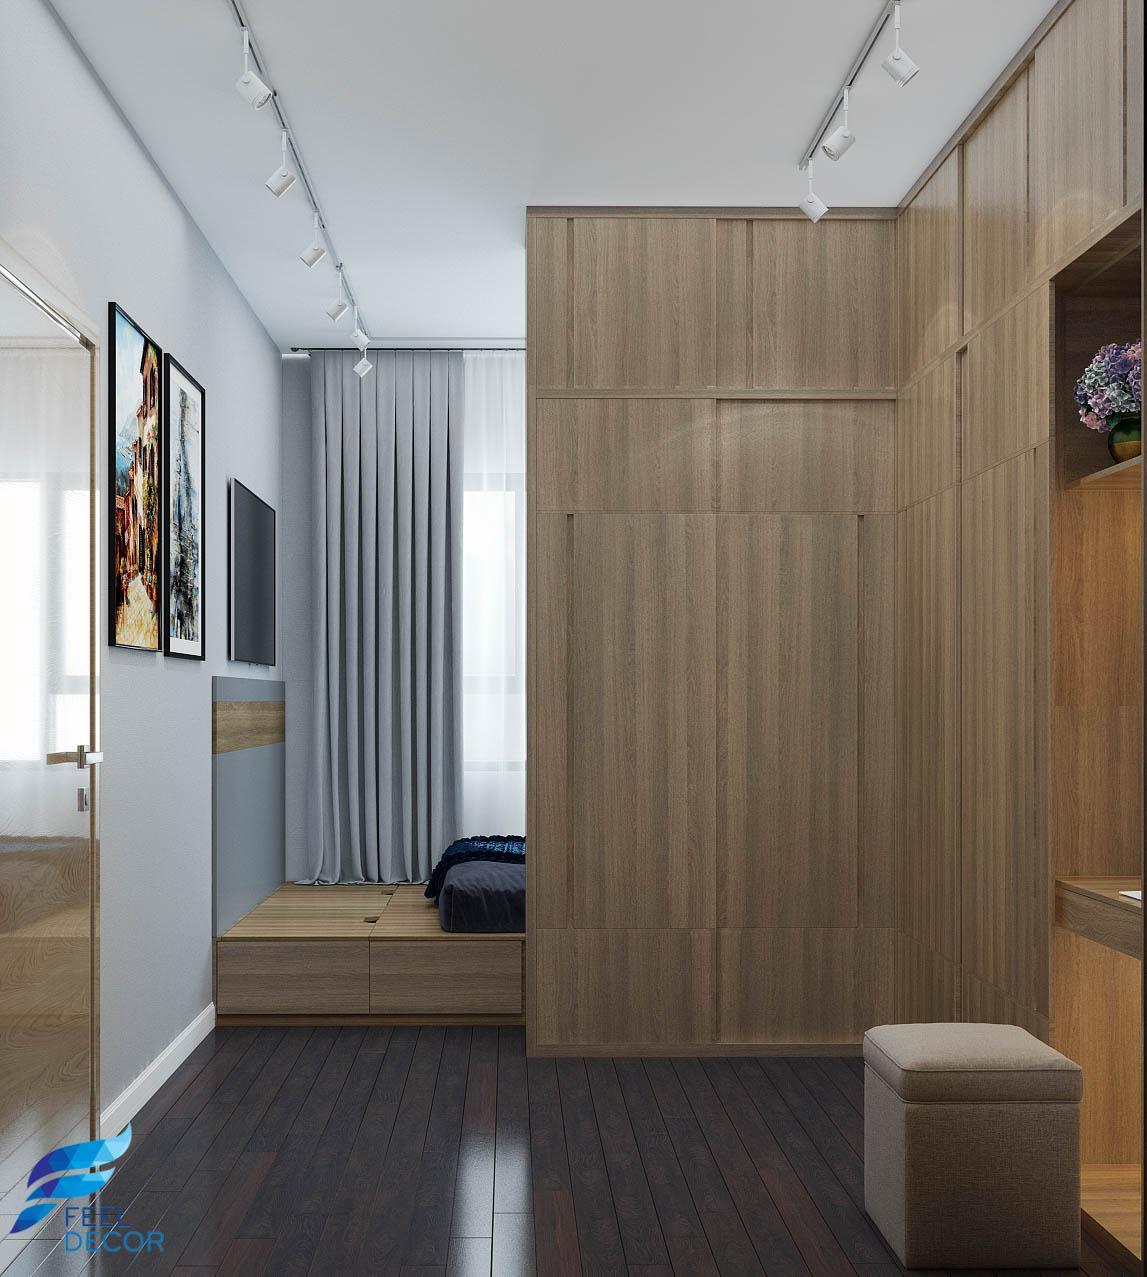 thiết kế nội thất phòng ngủ căn hộ Botanica Premier